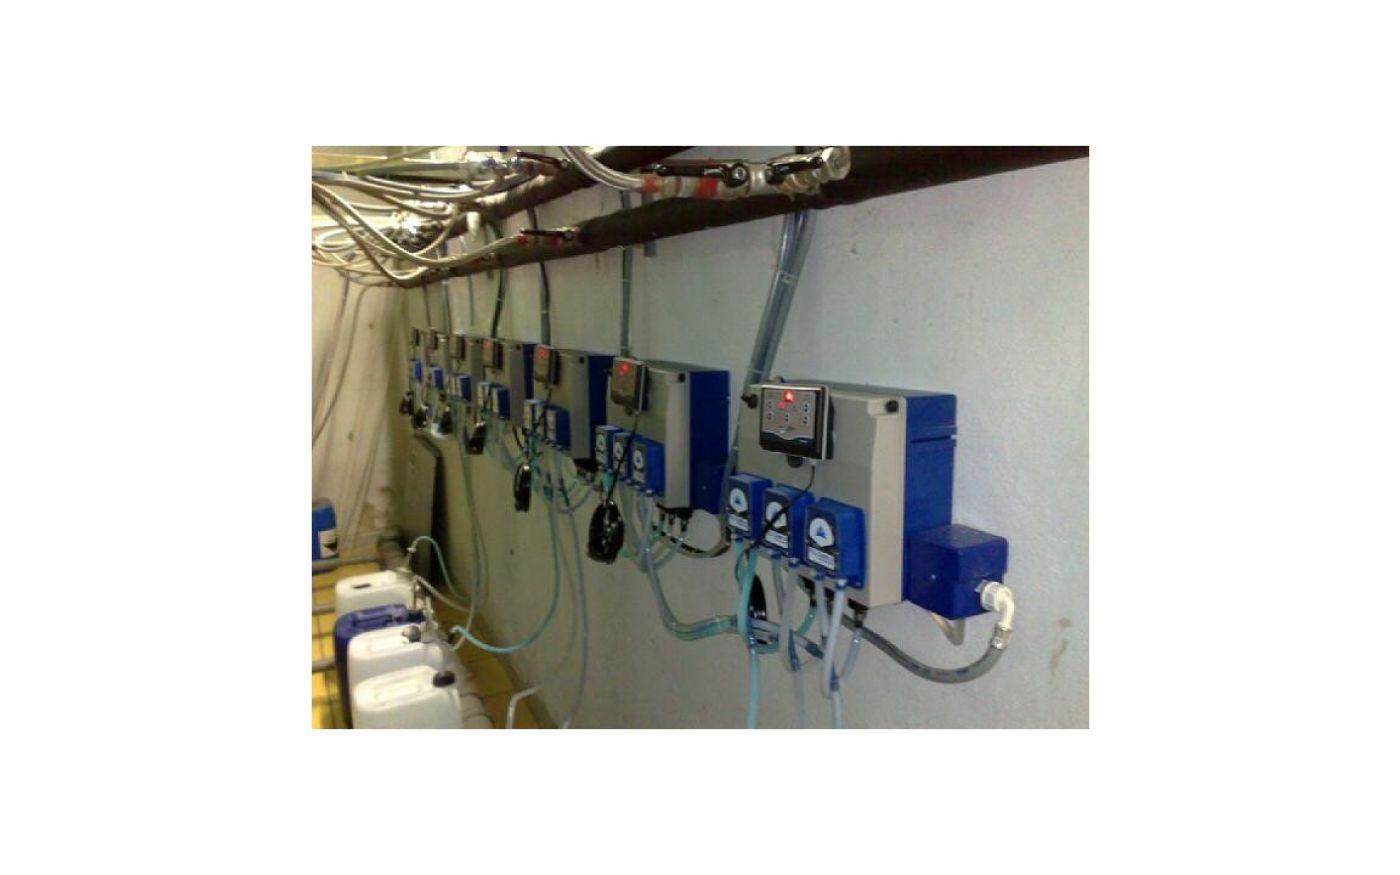 Impianto di dosaggio automatico lavanderia Specialist 18 l/h - Lavanderia self-service - Impianto di dosaggio automatico lavanderia Specialist 18 l/h - Lavanderia self-service